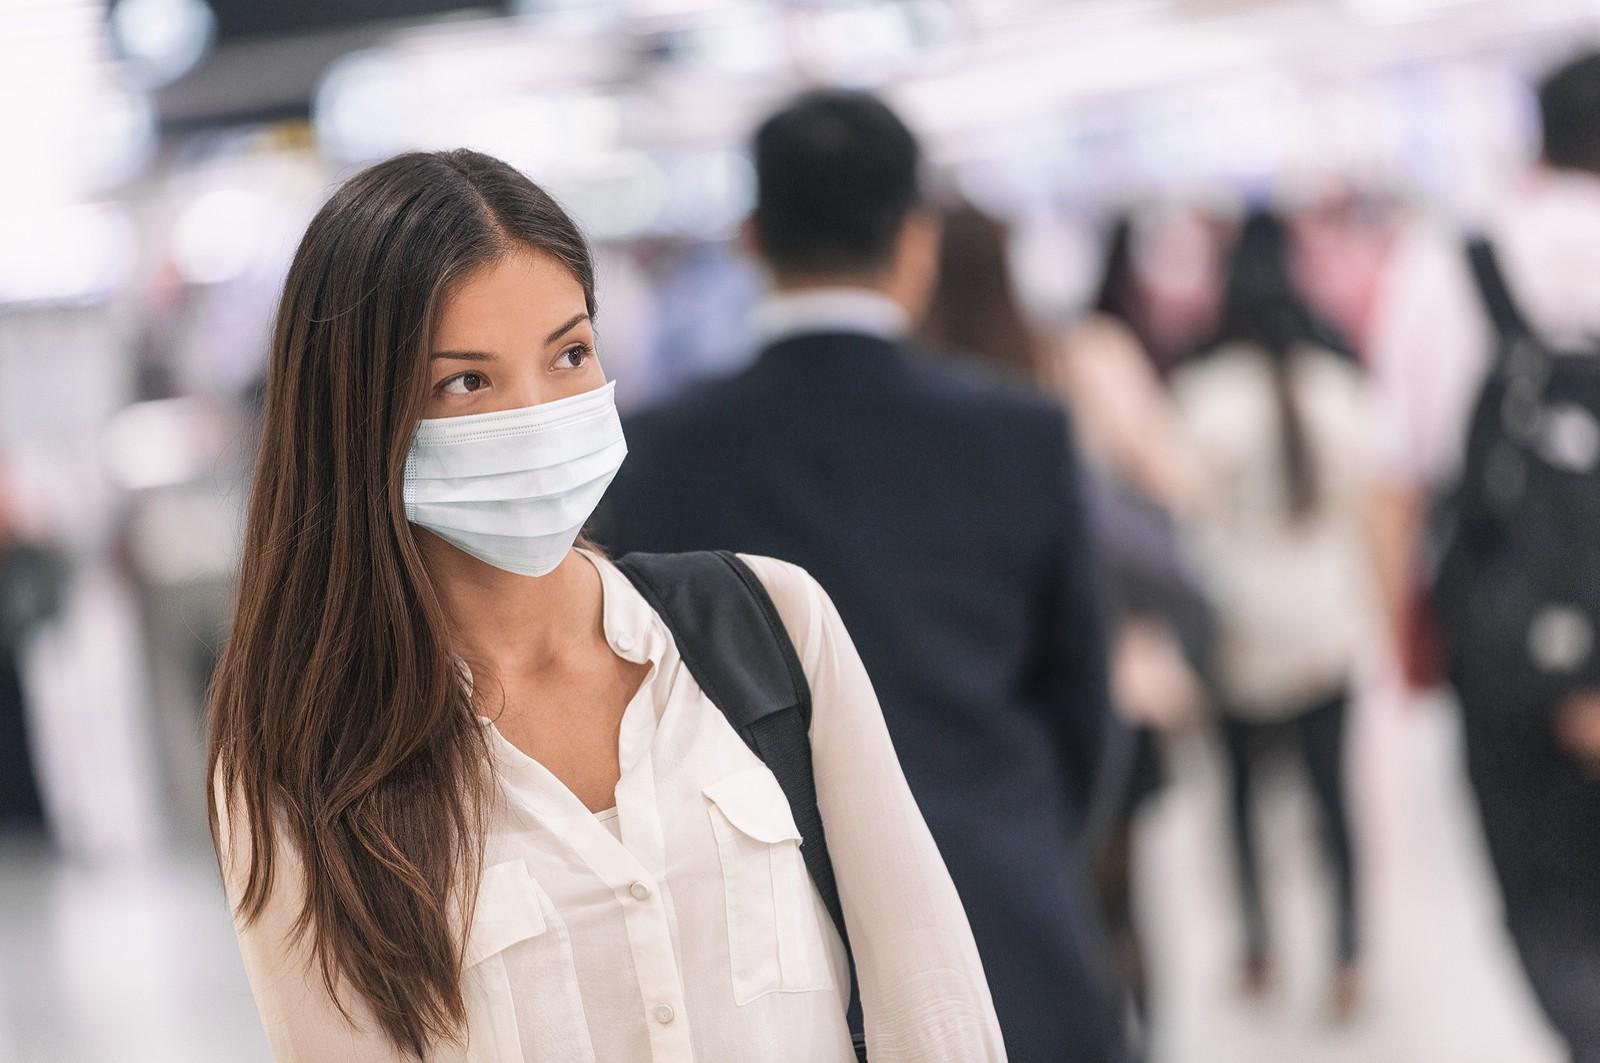 virus-free travel